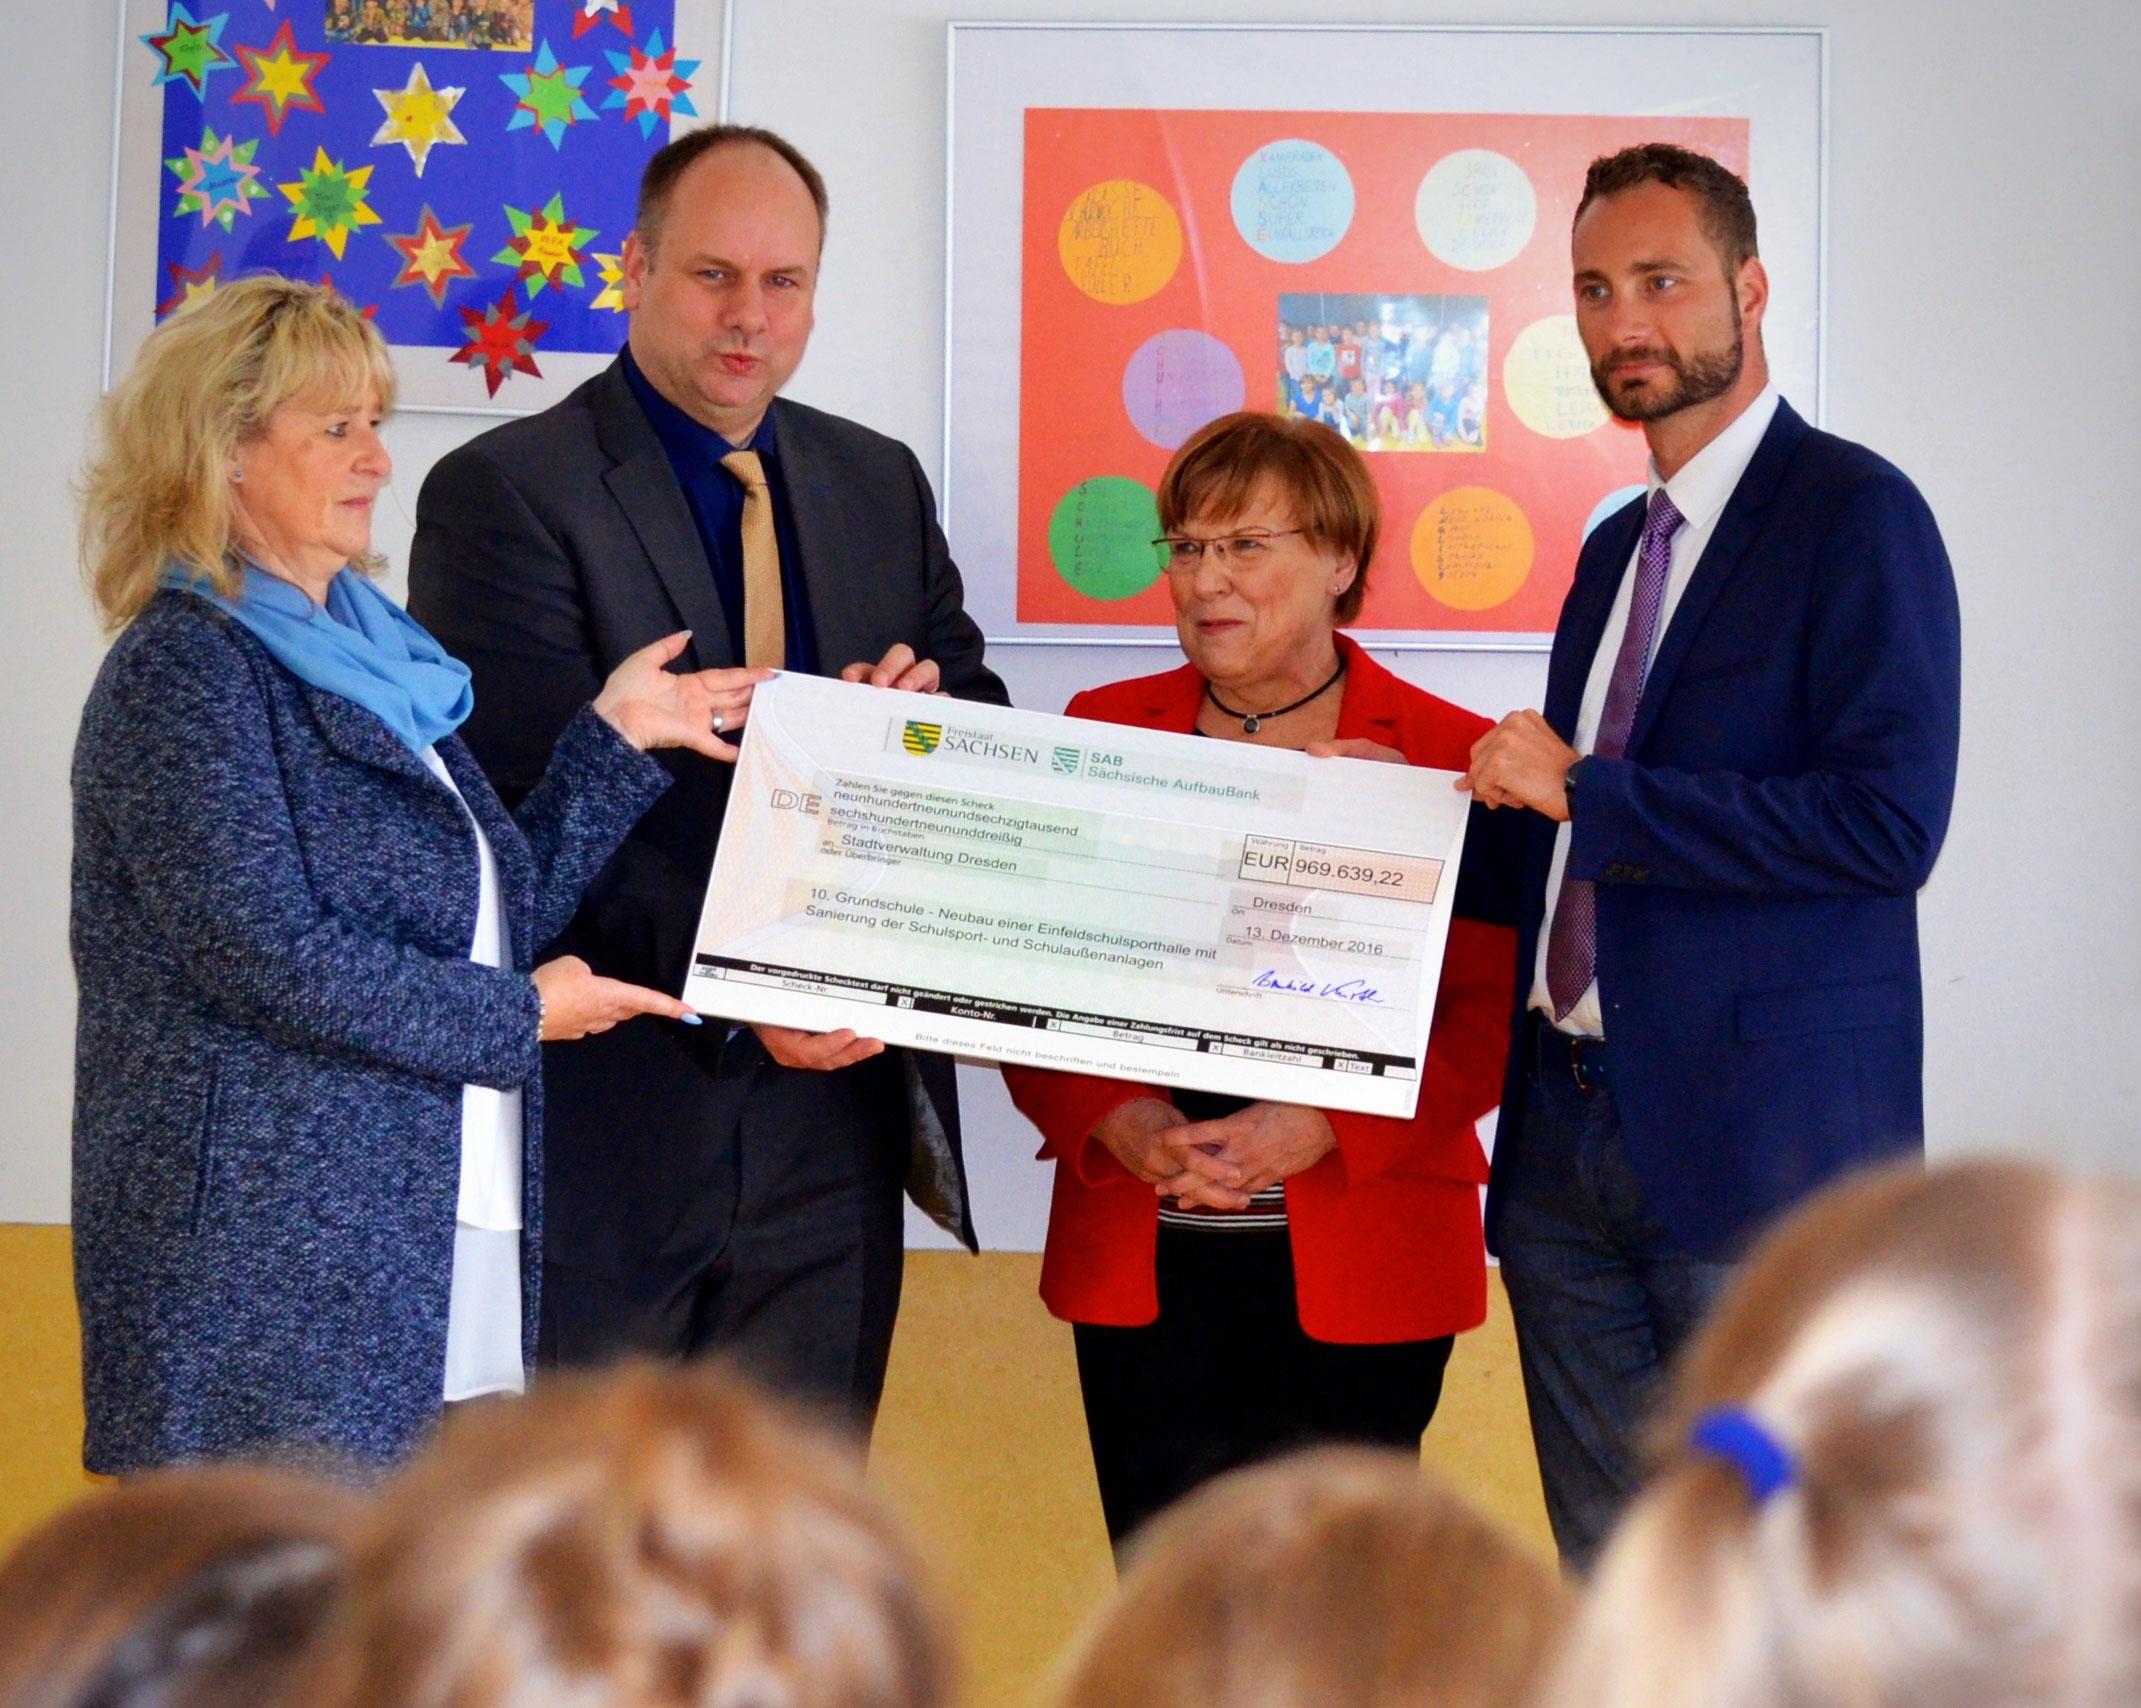 970 Tausend Euro An 10 Grundschule übergeben Patrick Schreiber